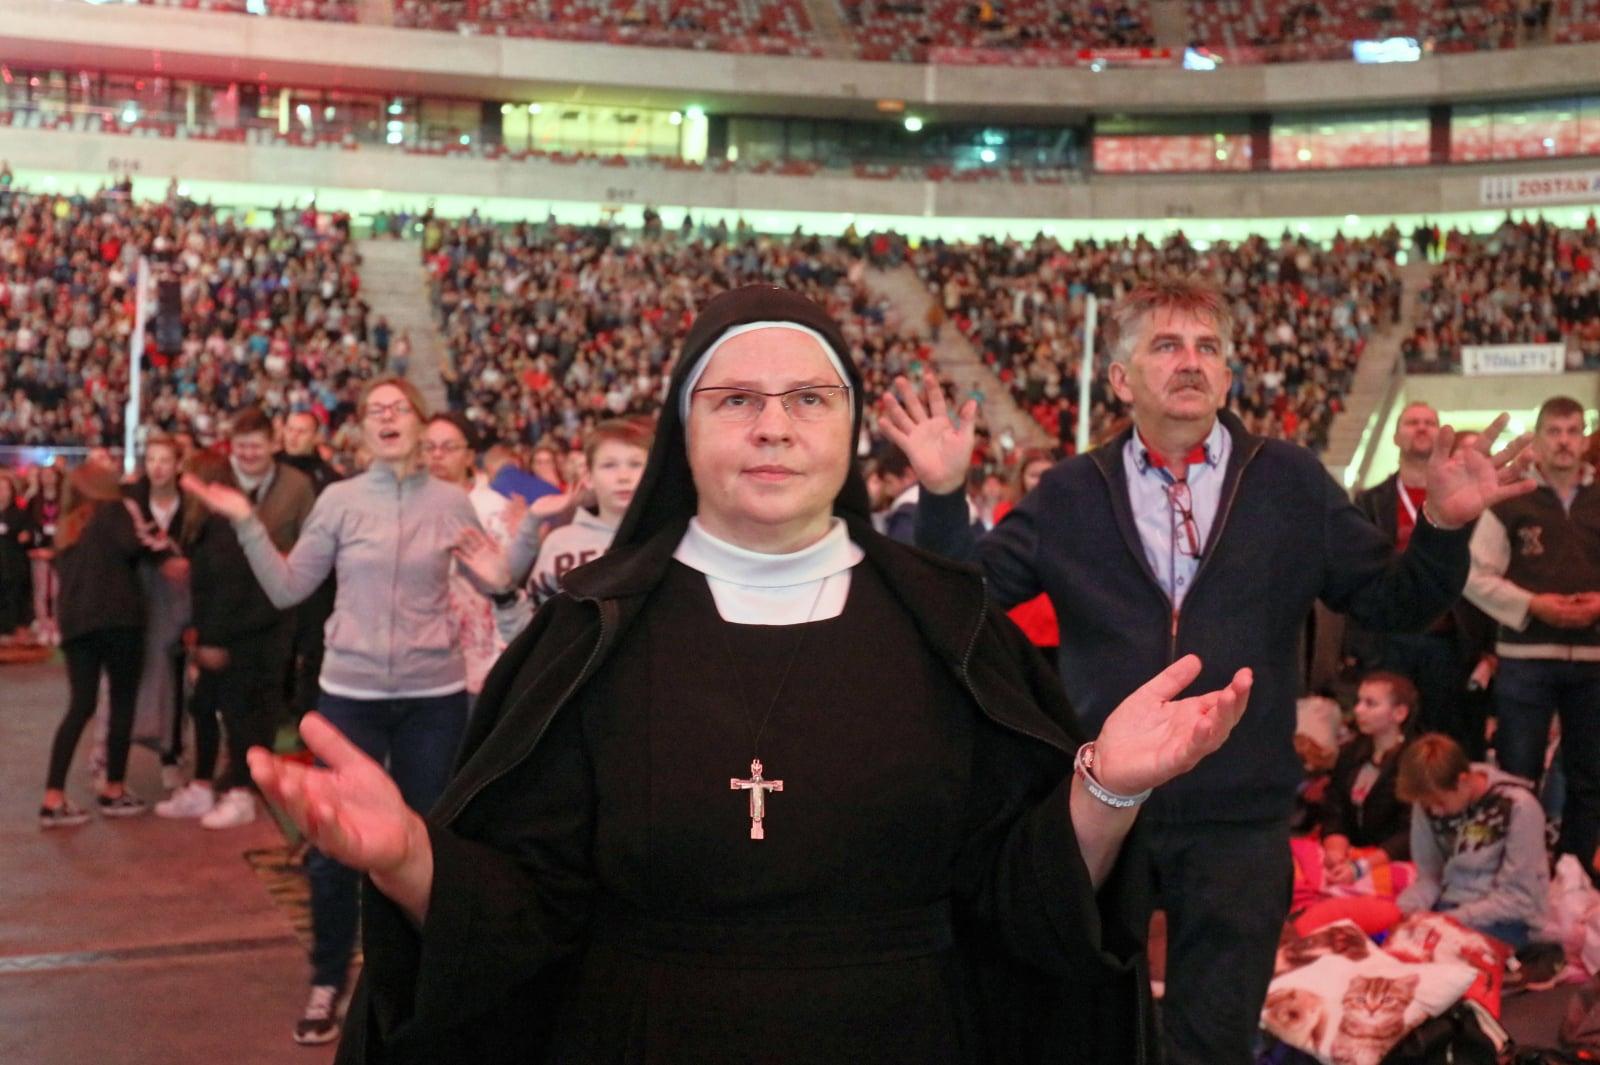 Msza święta na stadionie PGE Narodowy w Warszawie, podczas spotkania rekolekcyjnego